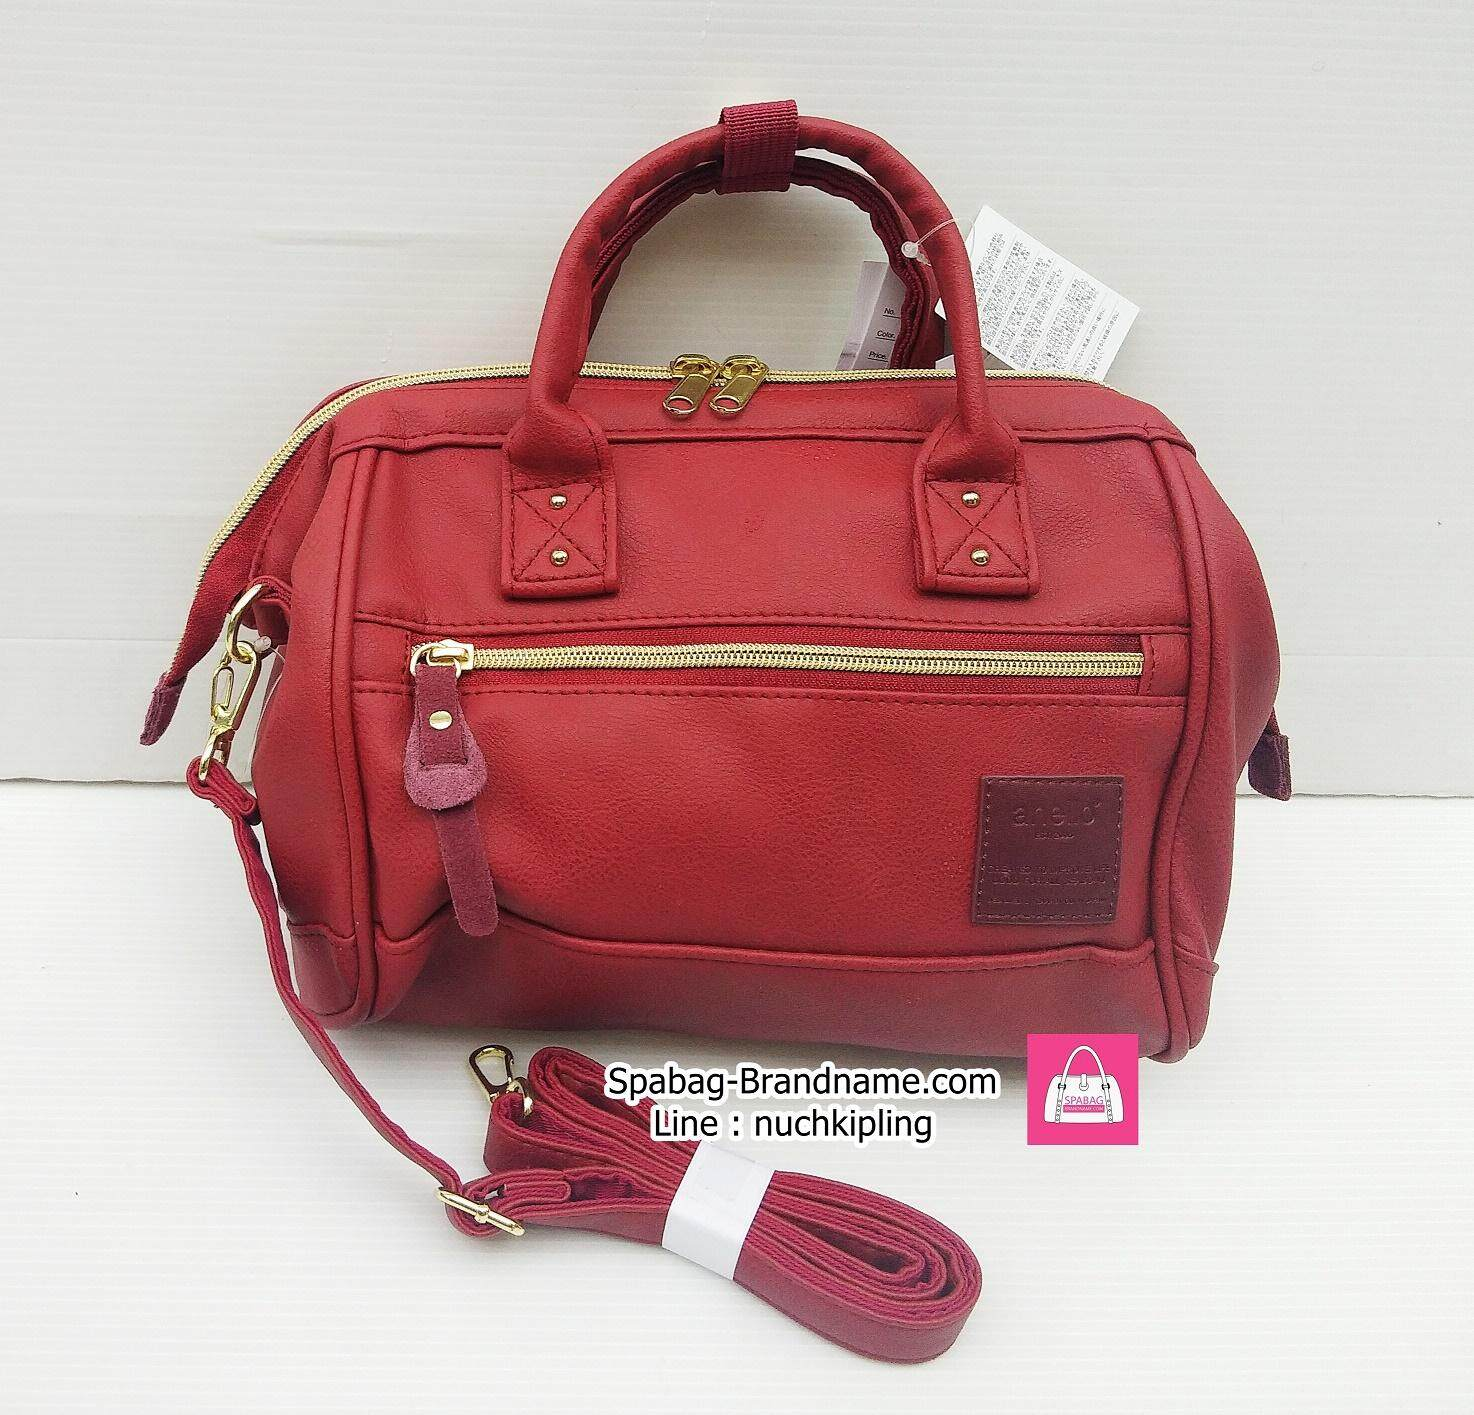 การใช้งาน  นครสวรรค์ กระเป๋าของแท้ Anello Mini 2way Boston Red